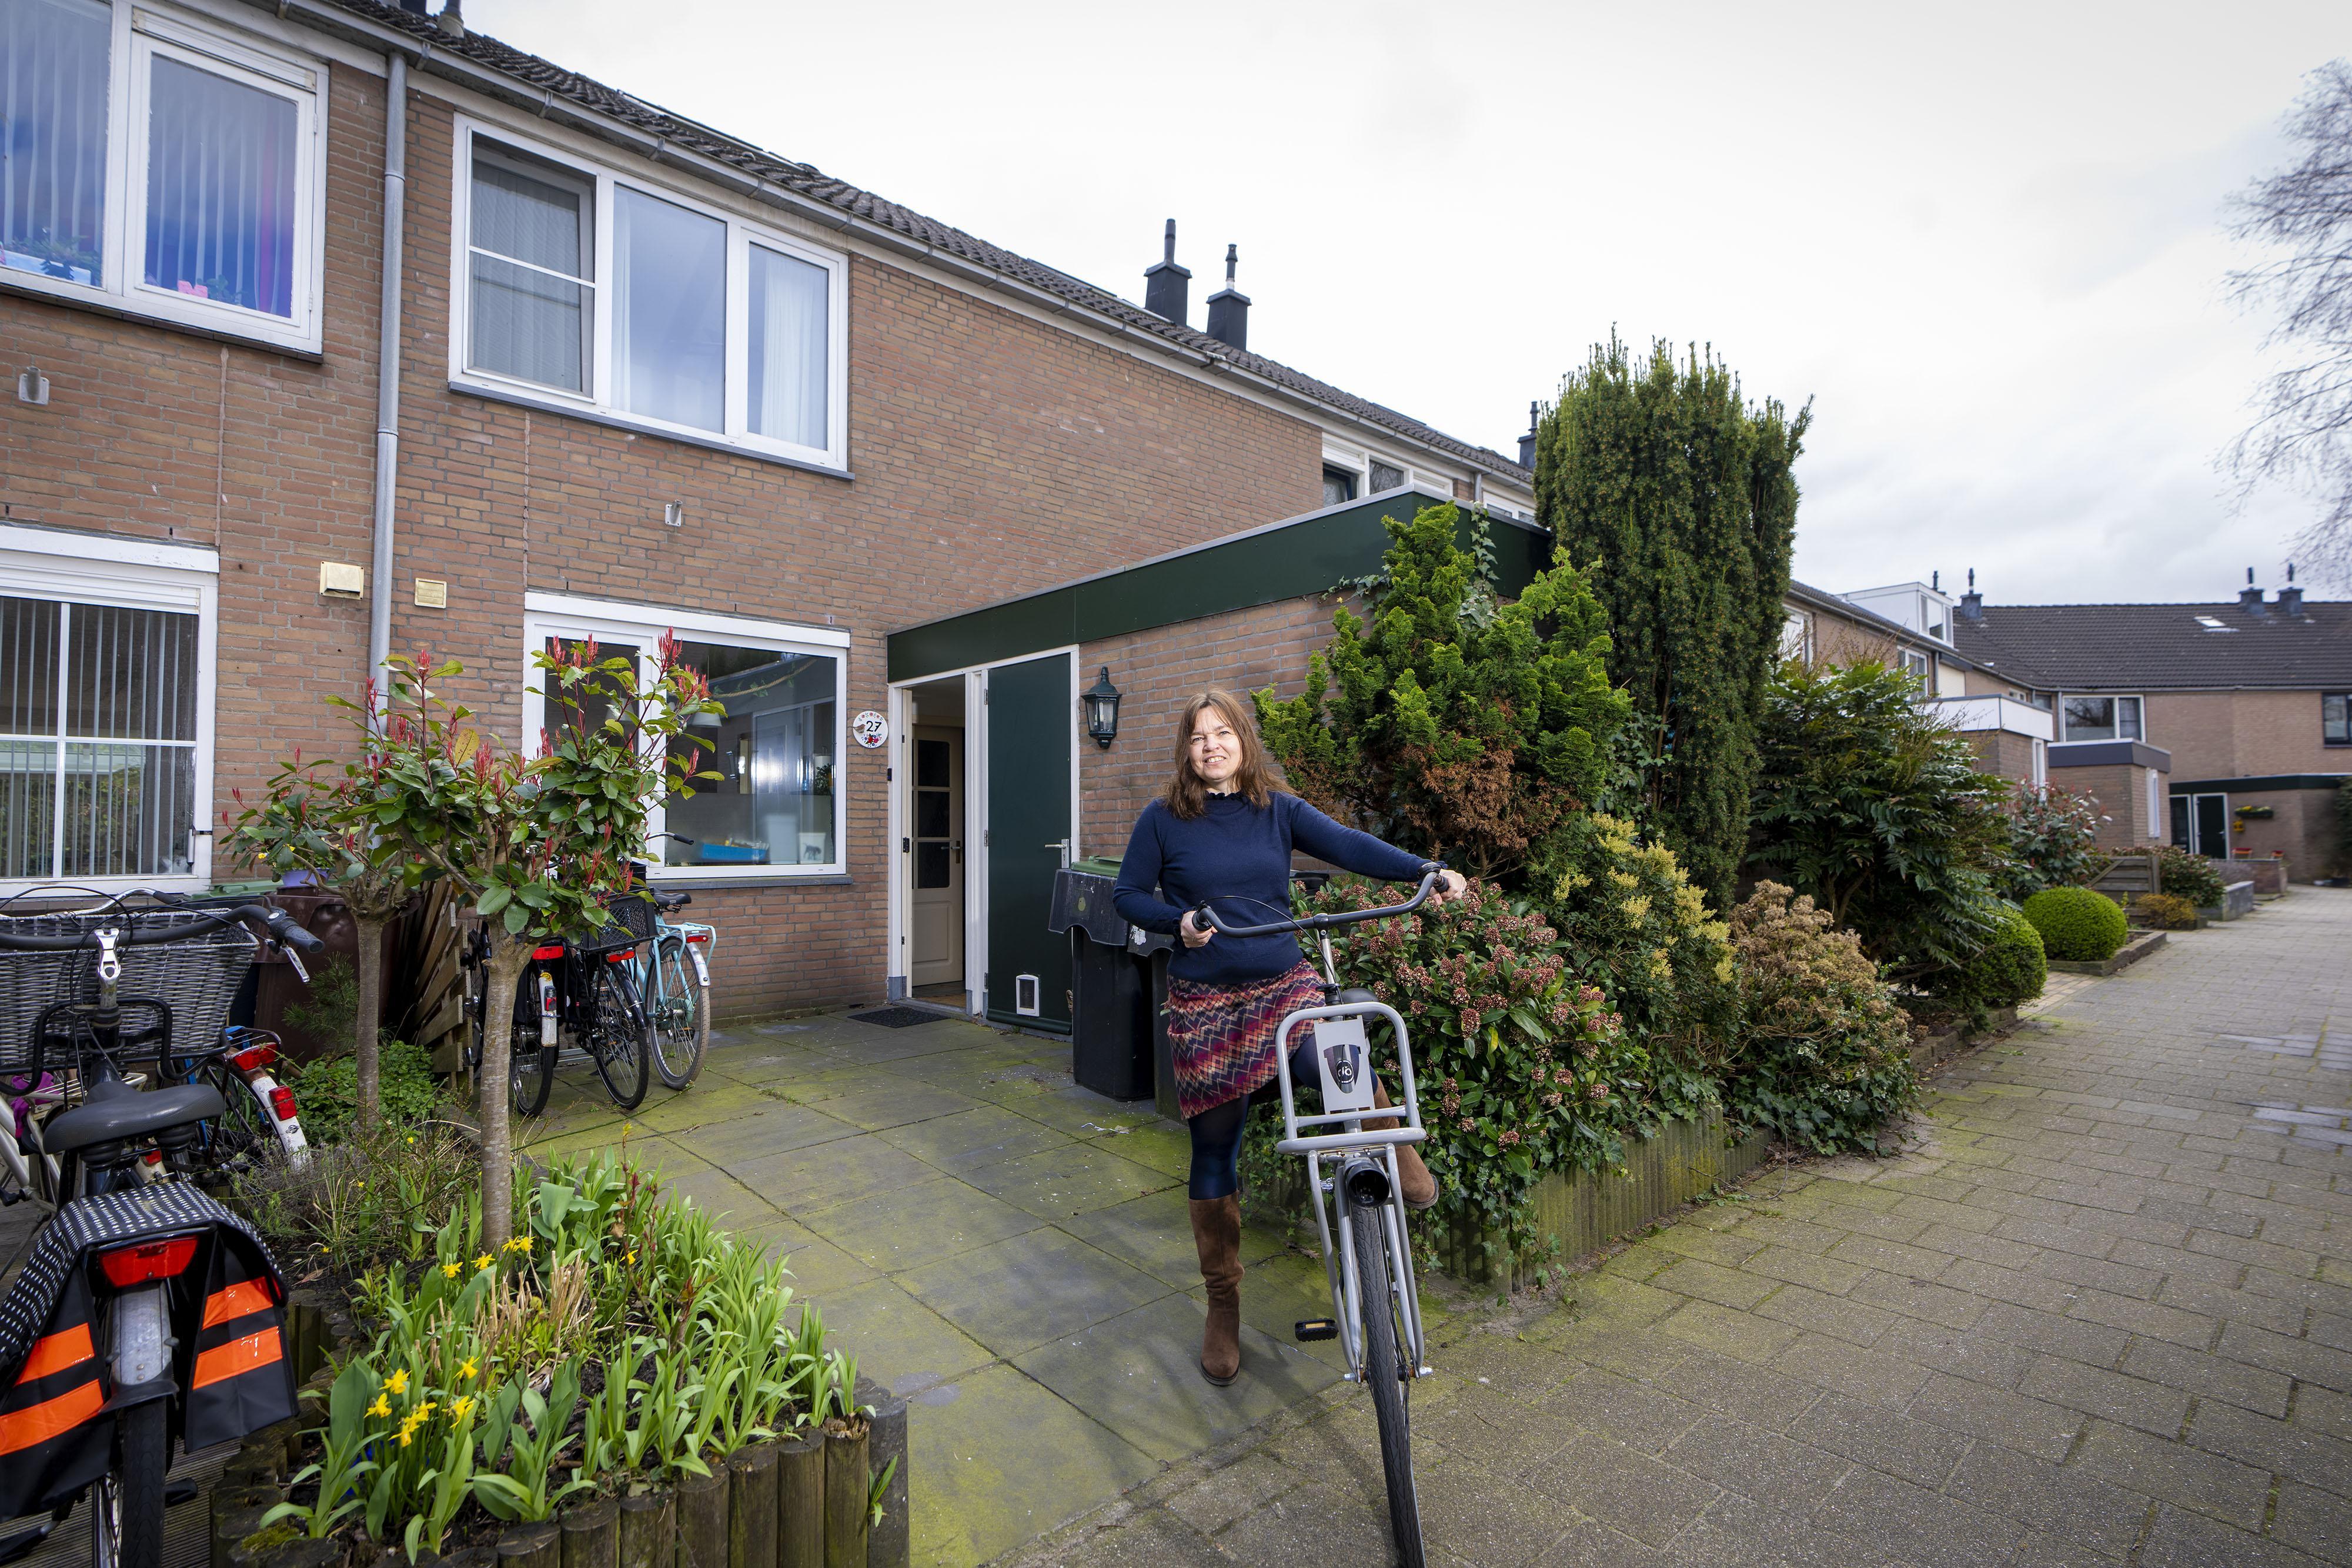 Wel de geneugten van de stad, maar niet de lasten: daarom stijgen de prijzen van woningen in Zoeterwoude zo snel